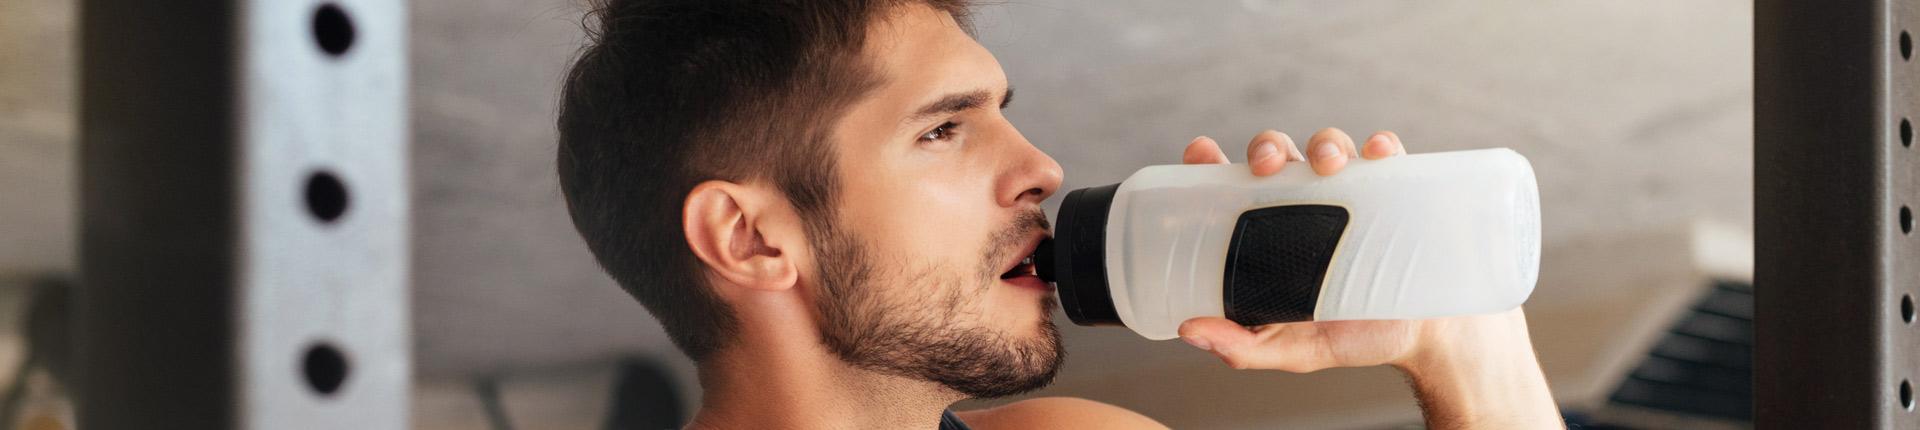 Po czym poznać że pije za mało wody?